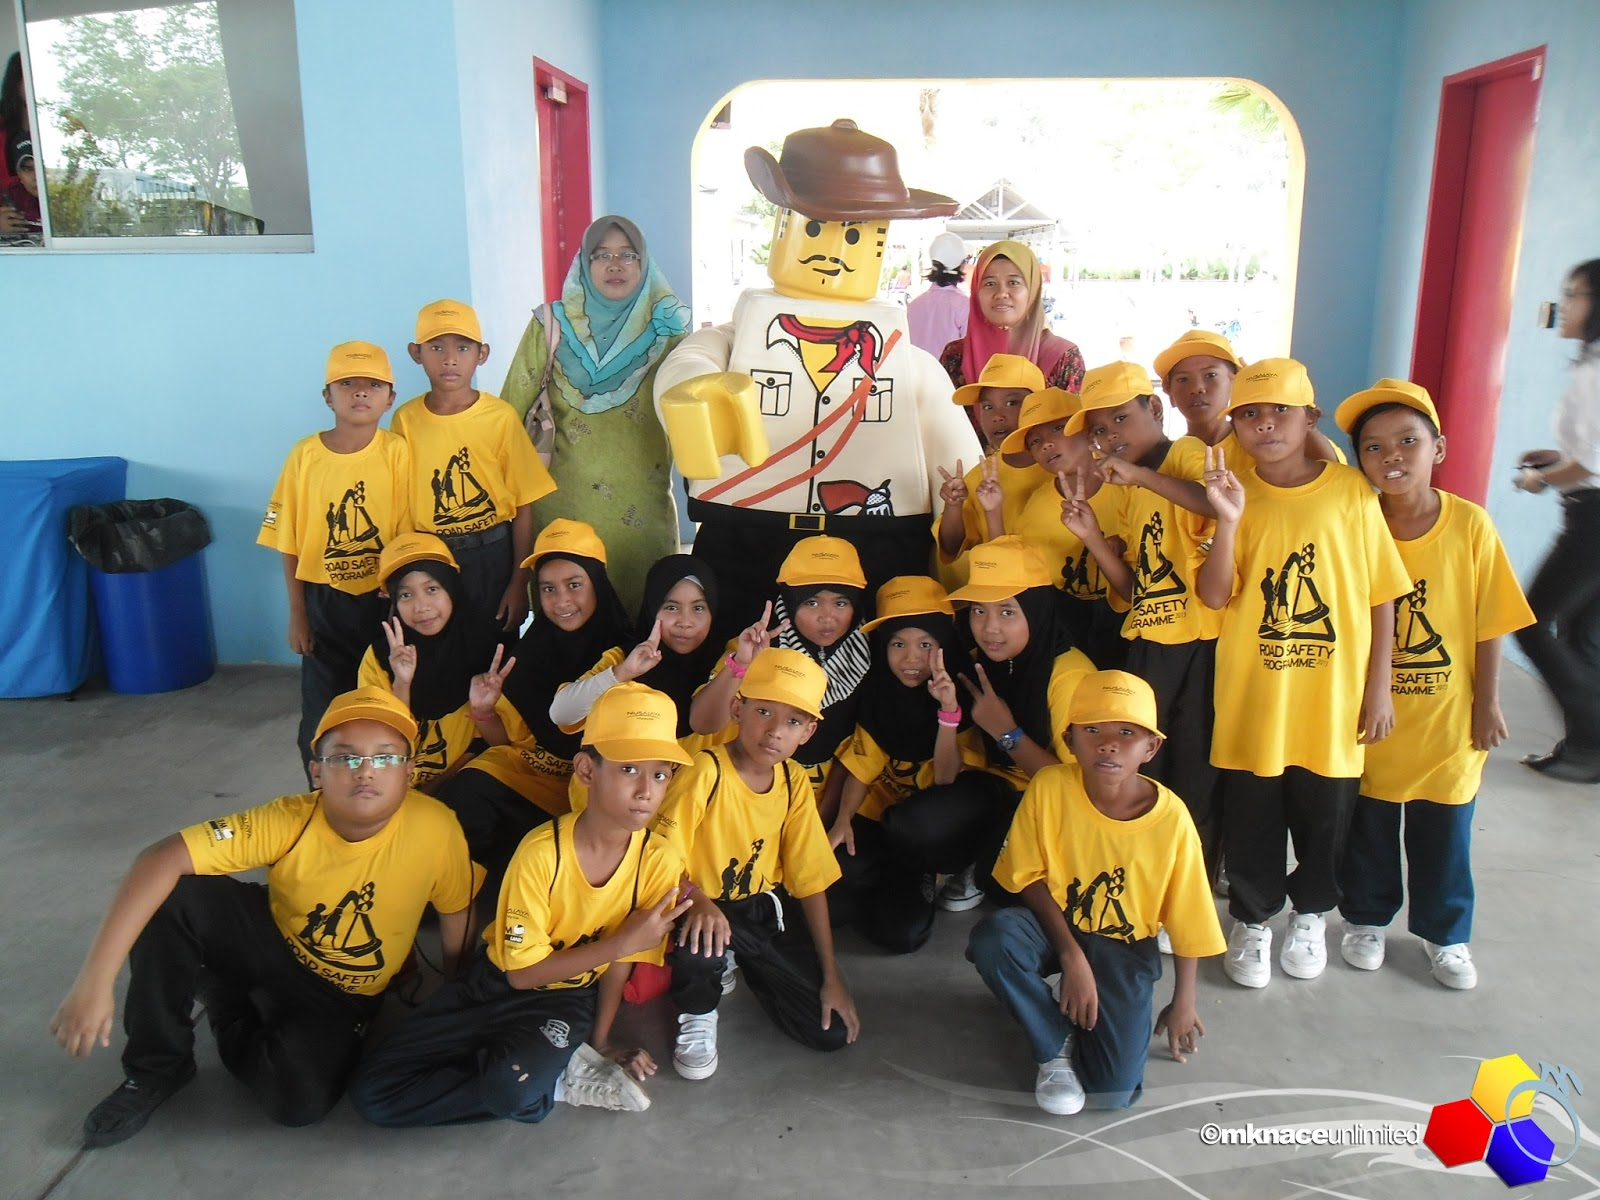 UEM Land Holdings Bhd and Edaran Tan Chong Motor Sdn Bhd Road Safety  Programme 2013 di Legoland Malaysia. Sekolah Iqa dapat jemputan untuk ke  legoland hari ... d48e2397ad